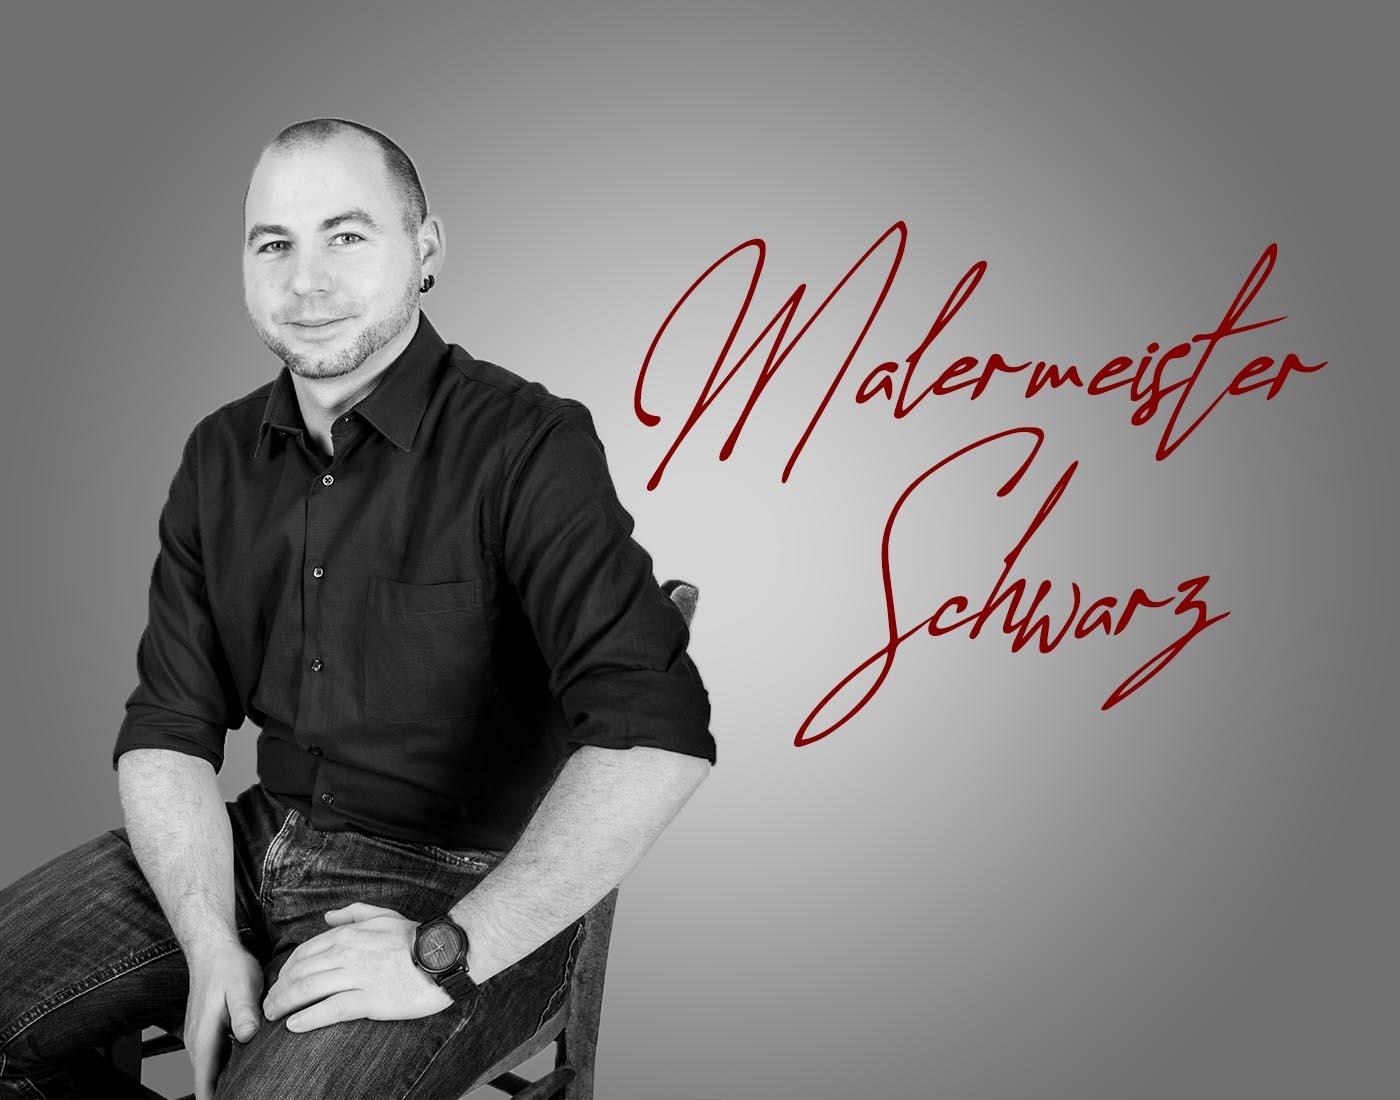 Malermeister Schwarz